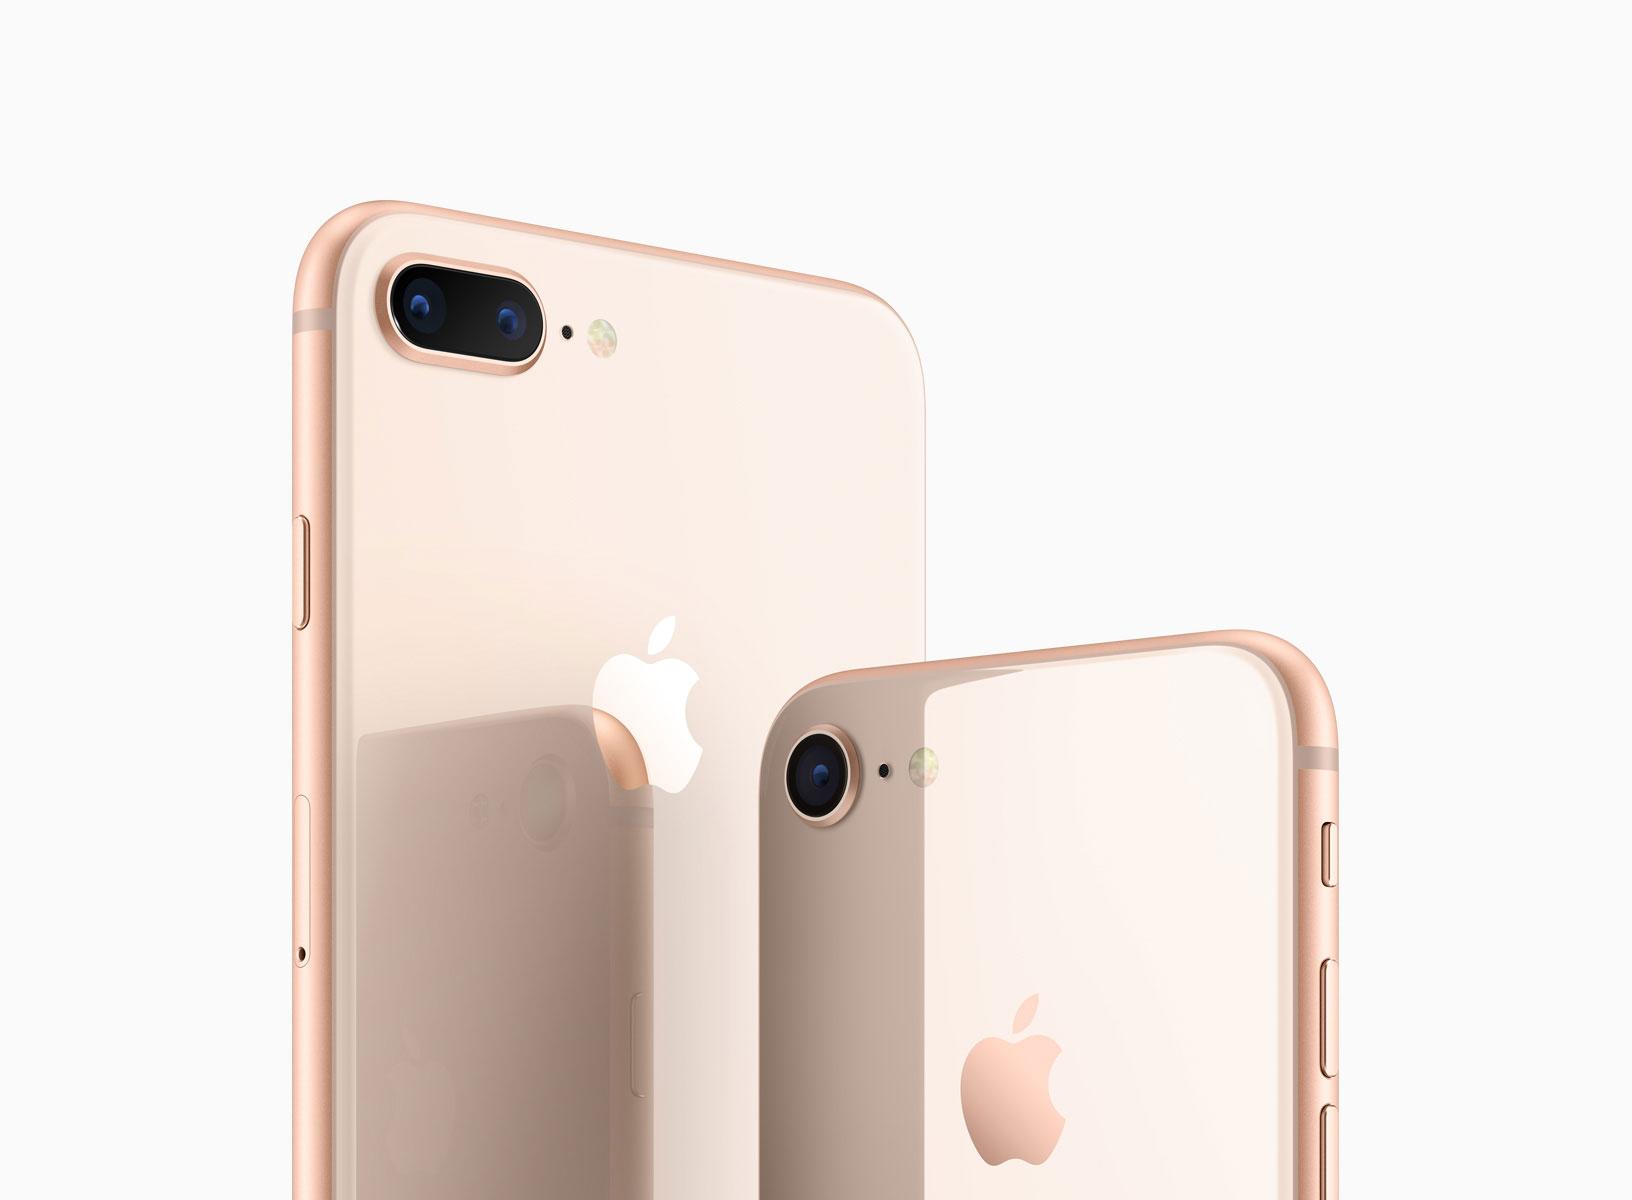 iPhone 8 and iPhone 8 Plus采用玻璃材质背板